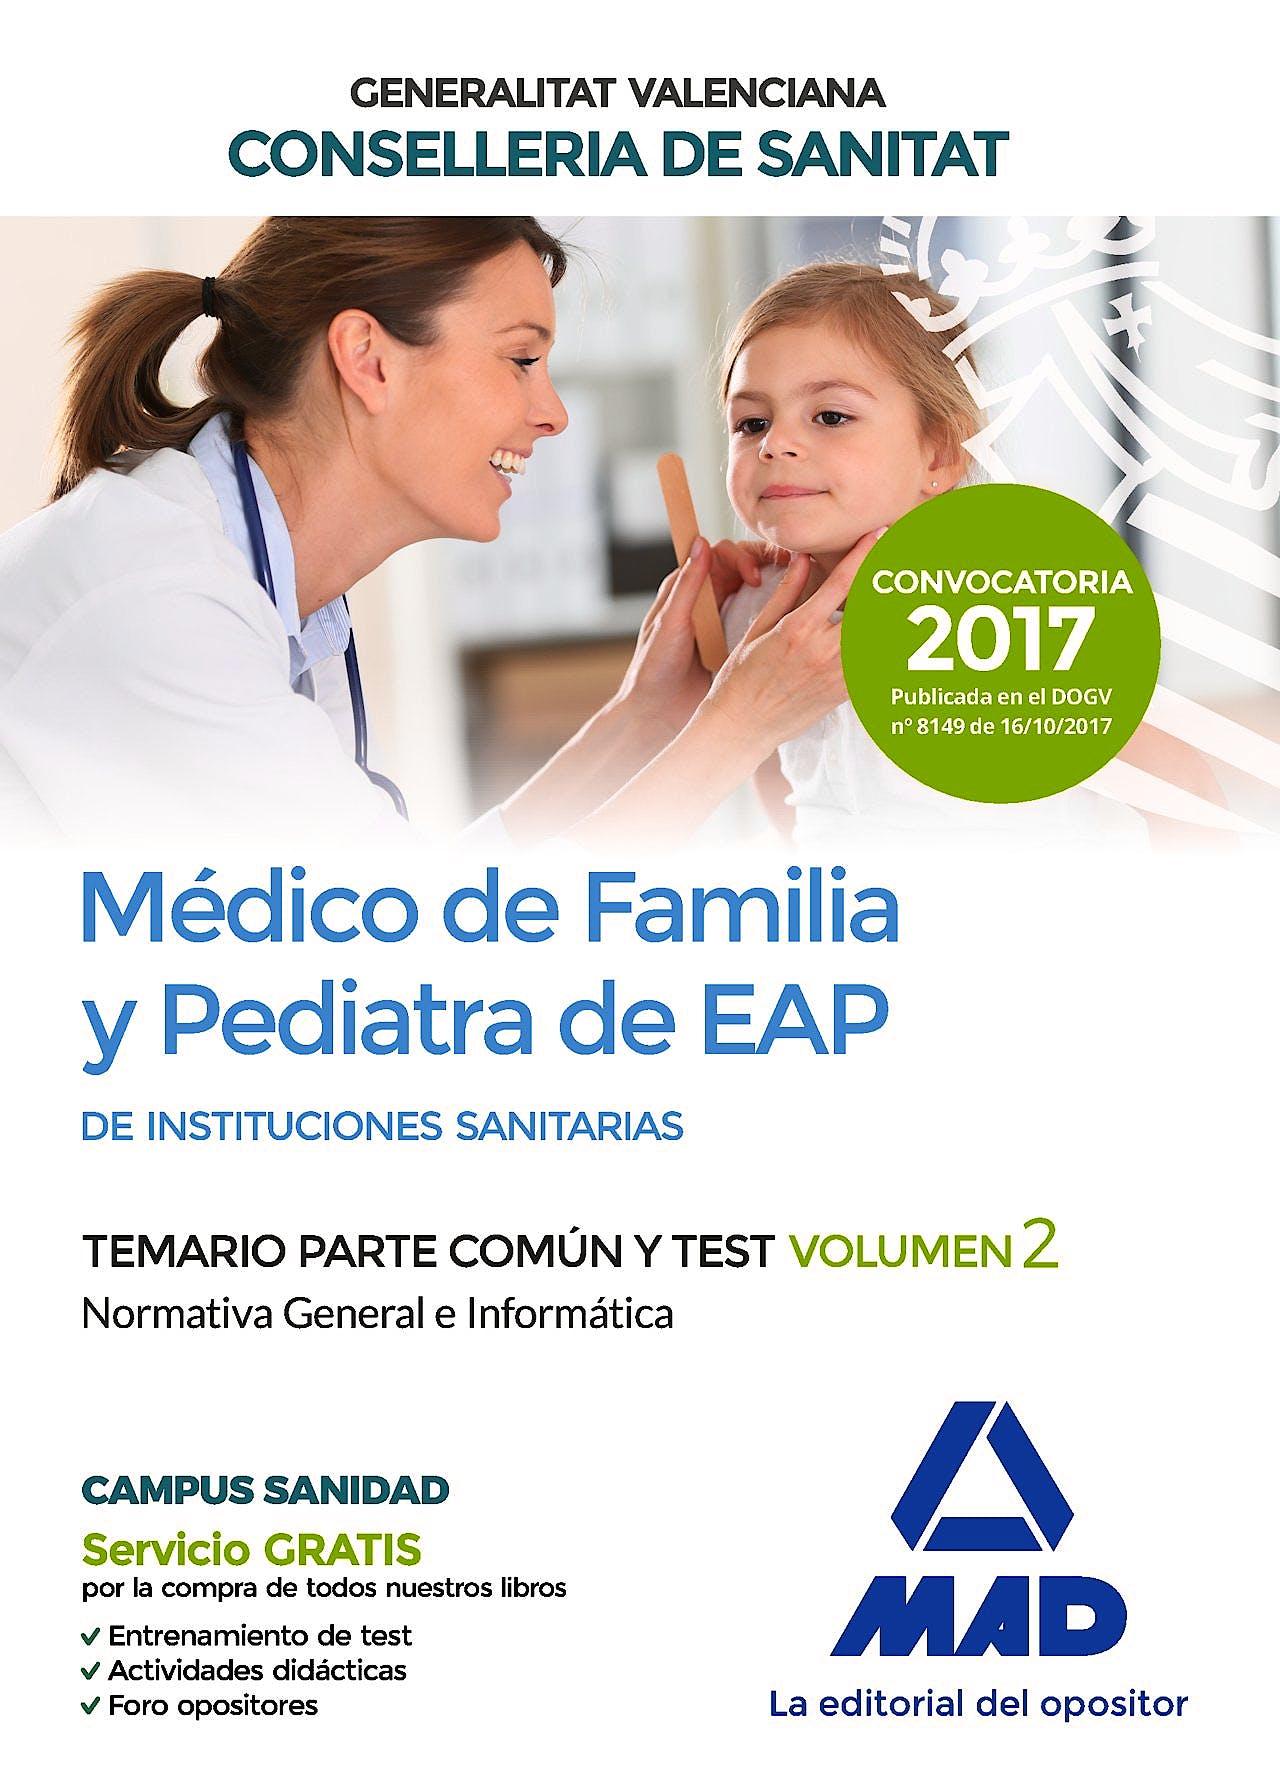 Portada del libro 9788414211854 Médico de Familia y Pediatra de EAP de Instituciones Sanitarias Generalitat Valenciana Conselleria de Sanitat. Temario Parte Común y Test, Vol. 2